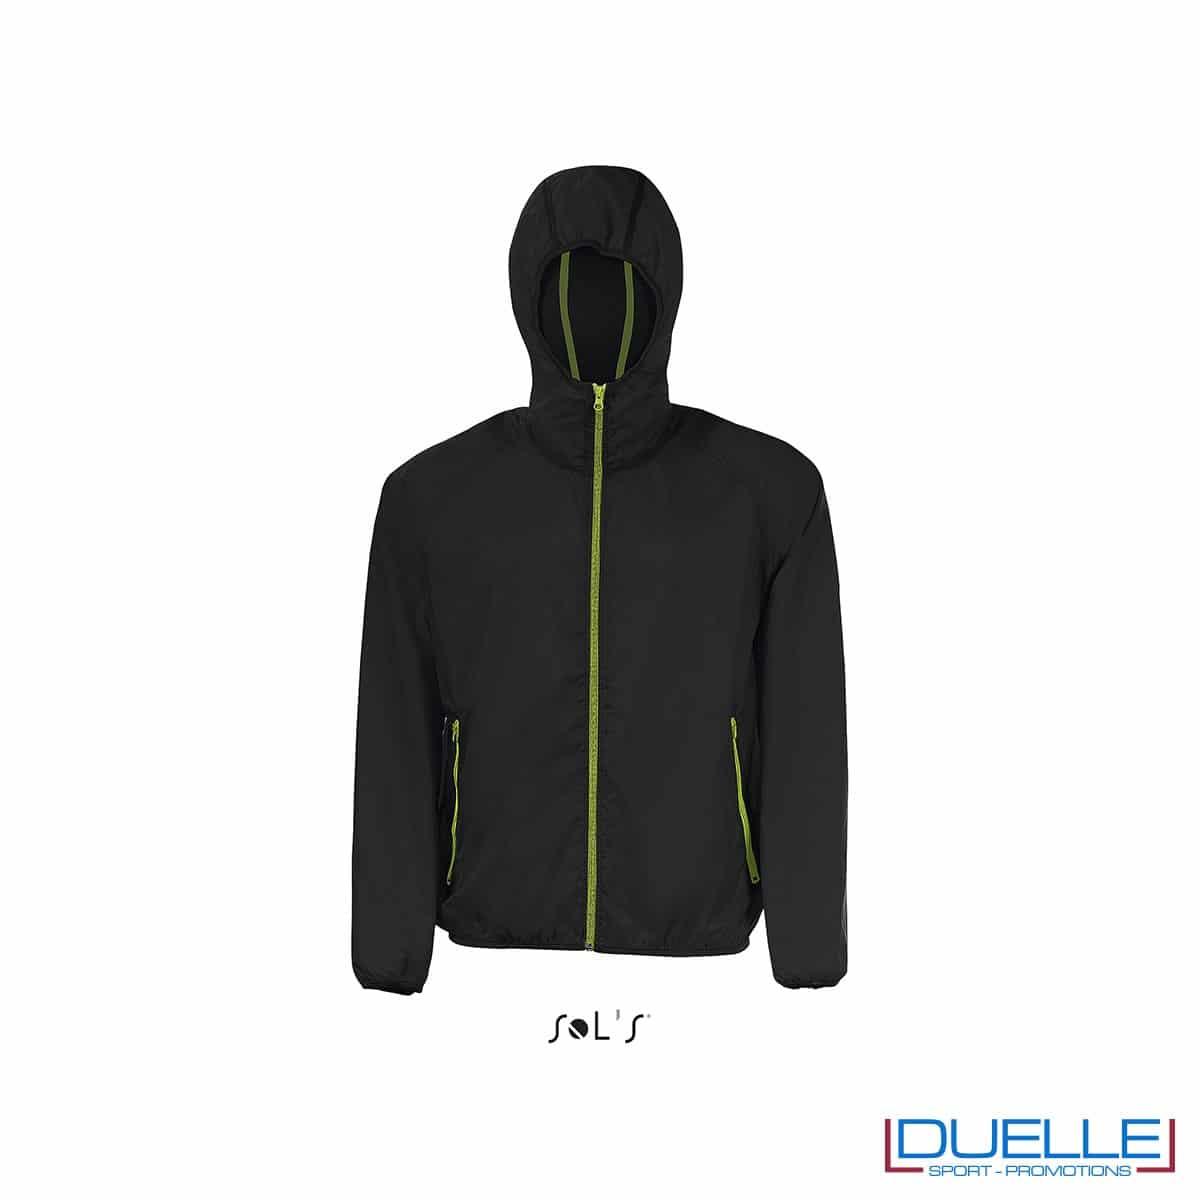 giacca antivento personalizzata in colore nero, kappa way personalizzato nero, k-way personalizzato nero, abbigliamento promozionale personalizzato